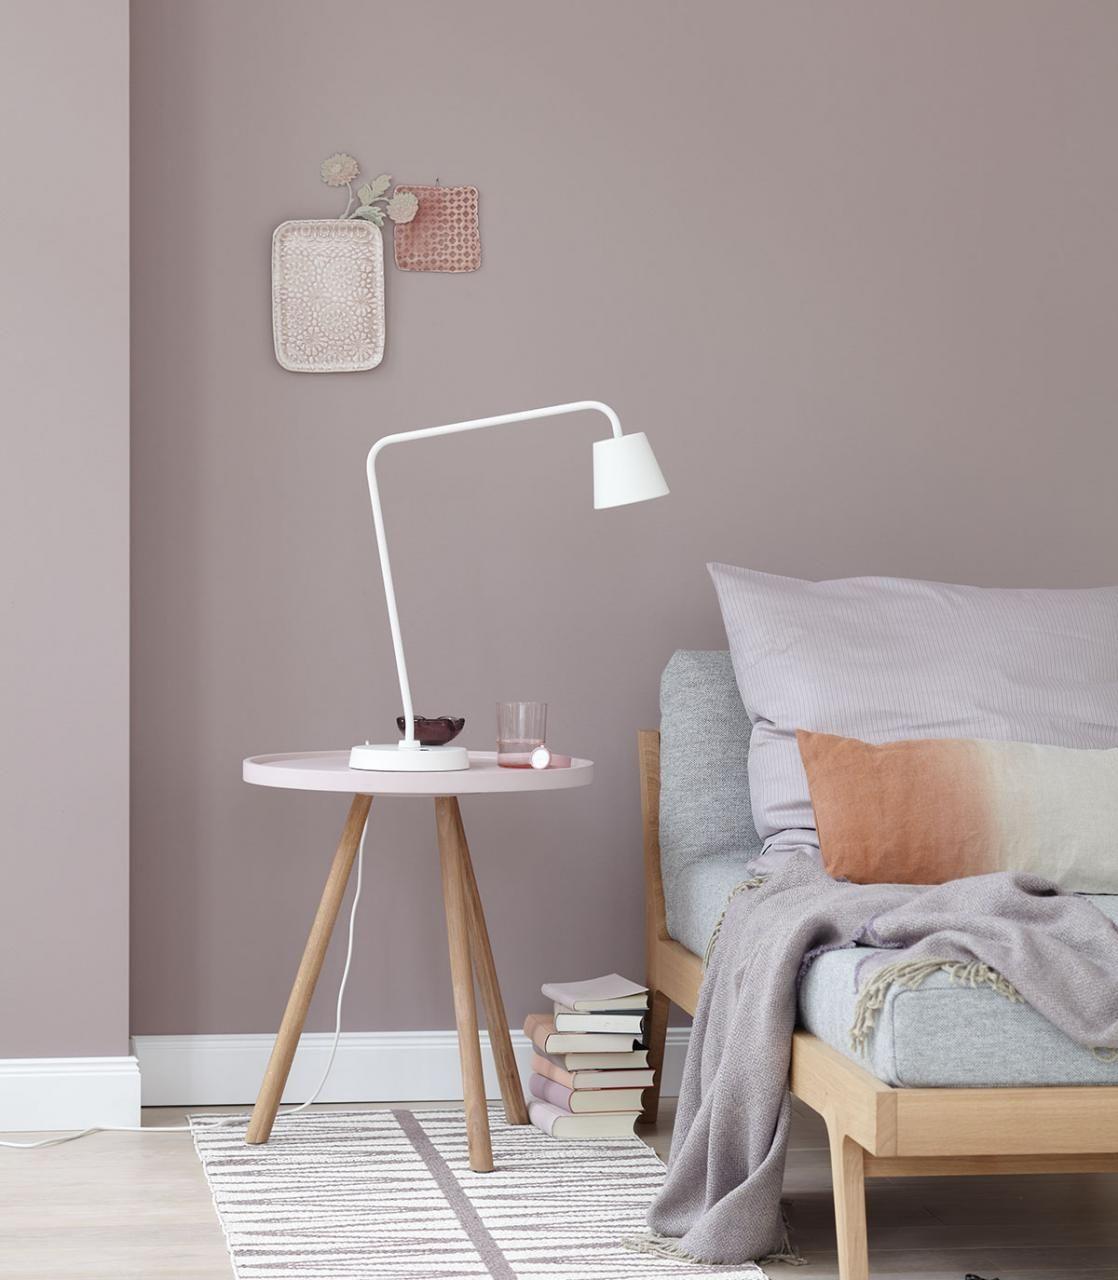 Wandfarben Zu Weißen Möbeln: Deko Und Accessoires Im Kupfer-Look